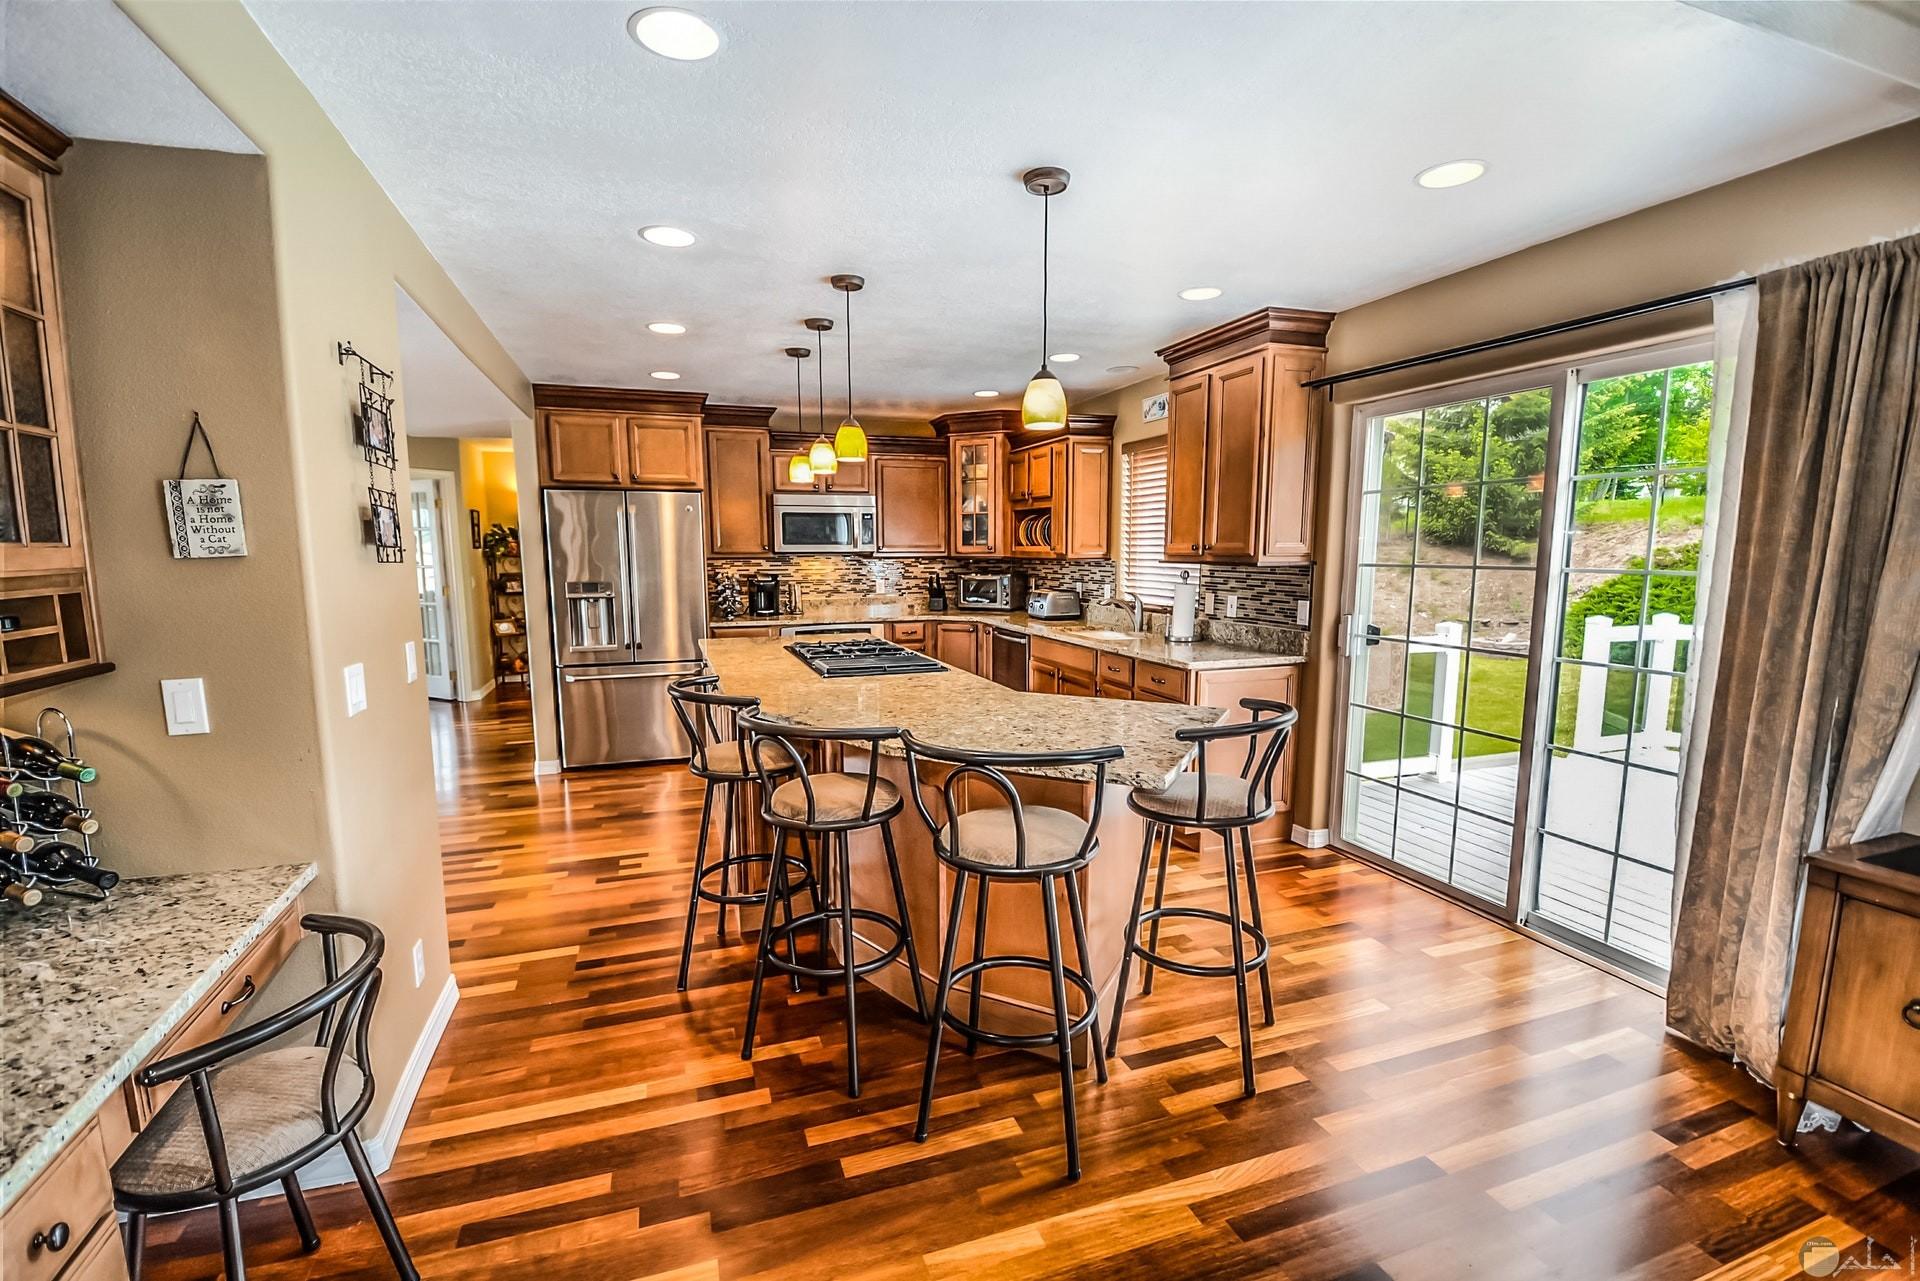 صورة لديكور مطبخ مع أرضية مميزة متناسقة الألوان مع قطع المطبخ مع إضاءة جميلة